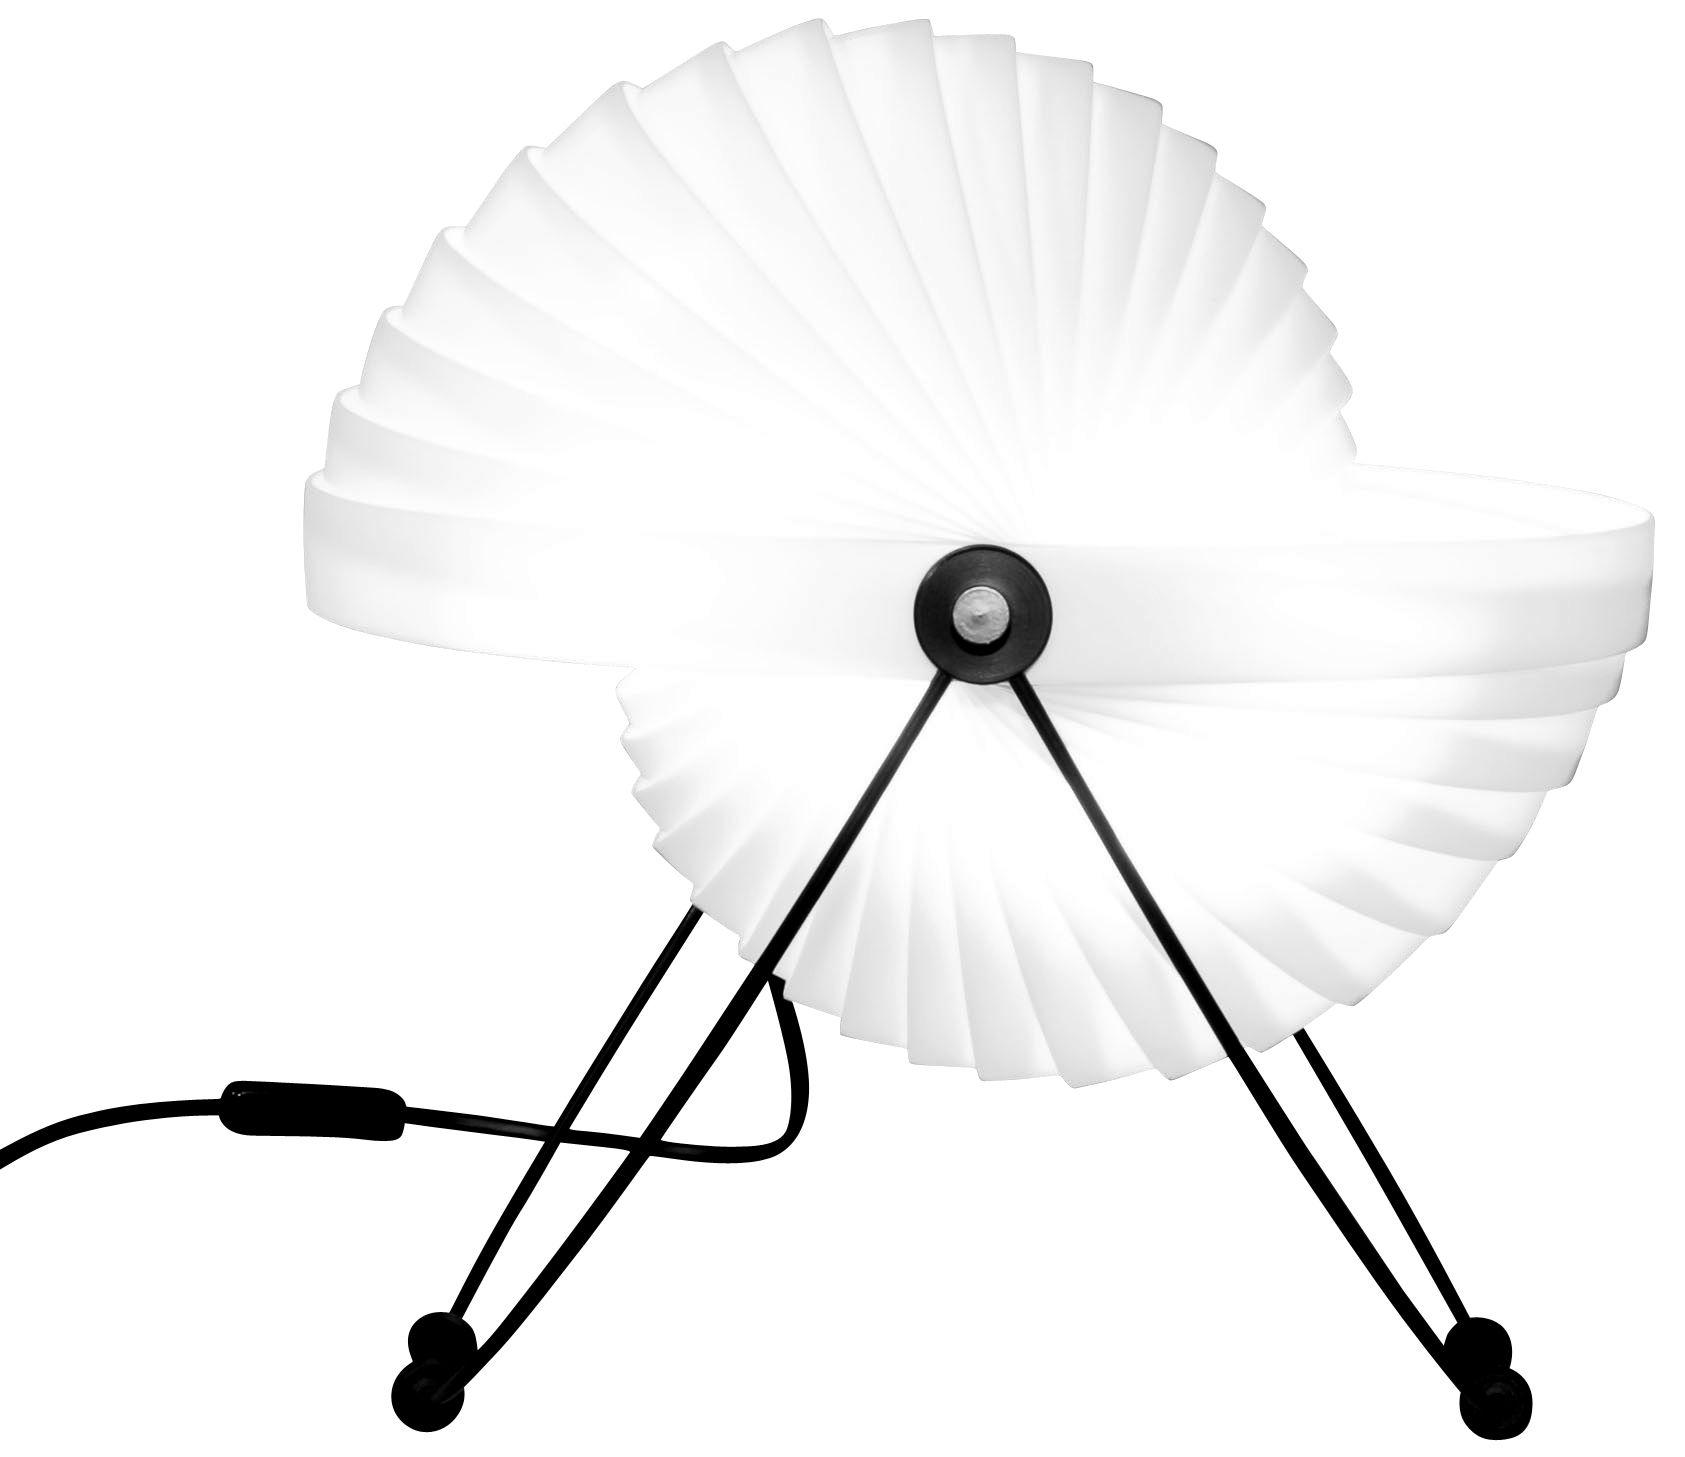 Luminaire - Lampes de table - Lampe de table Eclipse / Ø 32 cm - Objekto - Ø 32 cm / Blanc - Acier recyclé, Polyéthylène, Polypropylène